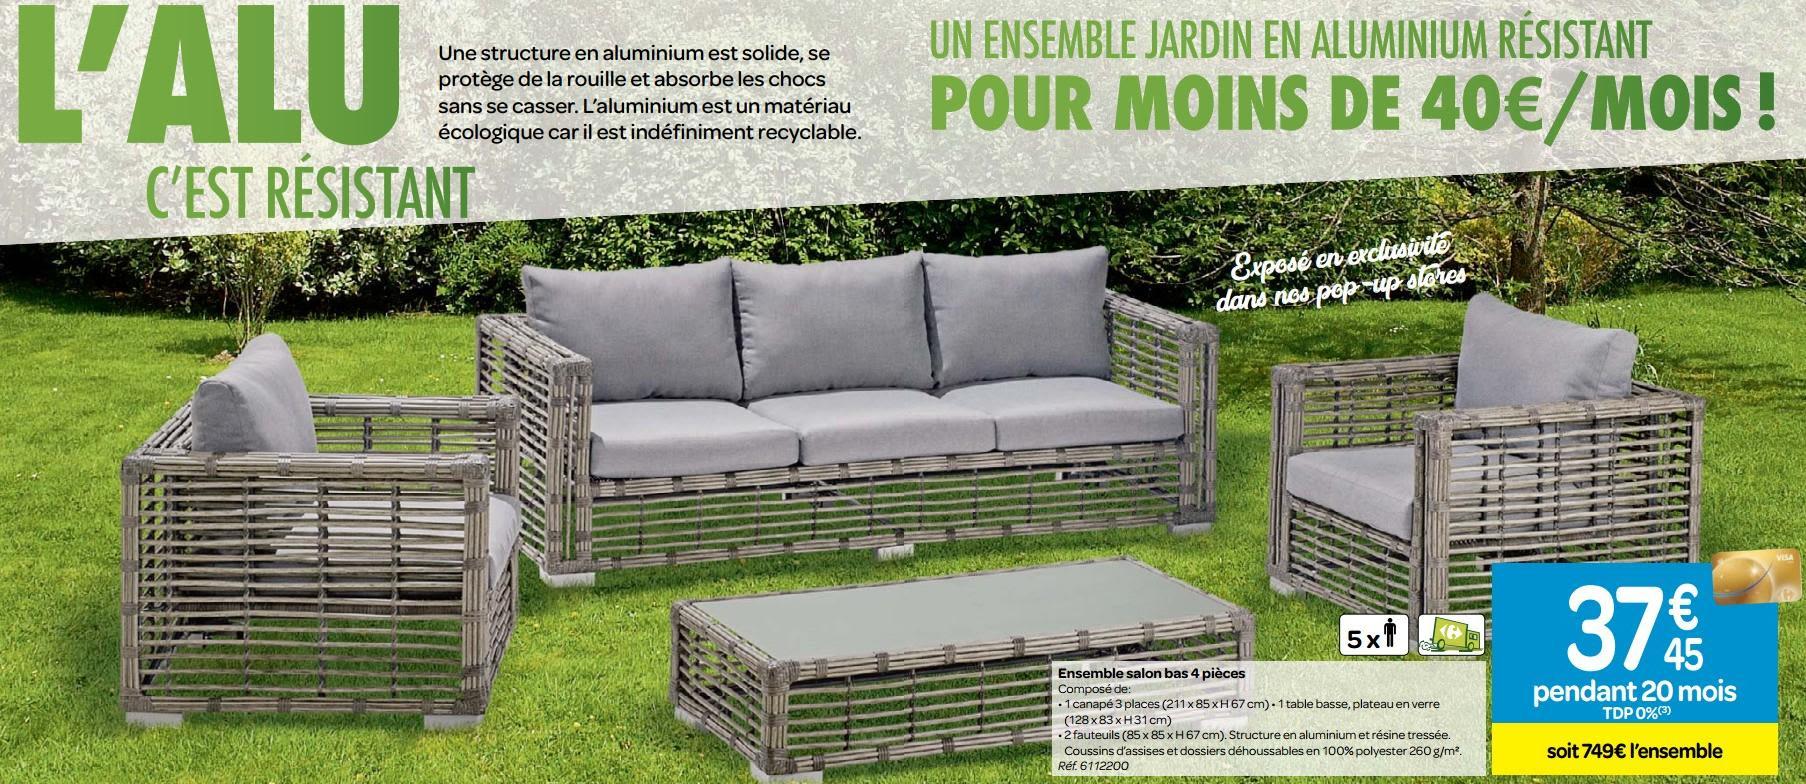 Serre De Jardin Carrefour - Canalcncarauca avec Salon Jardin Resine Tressee Carrefour